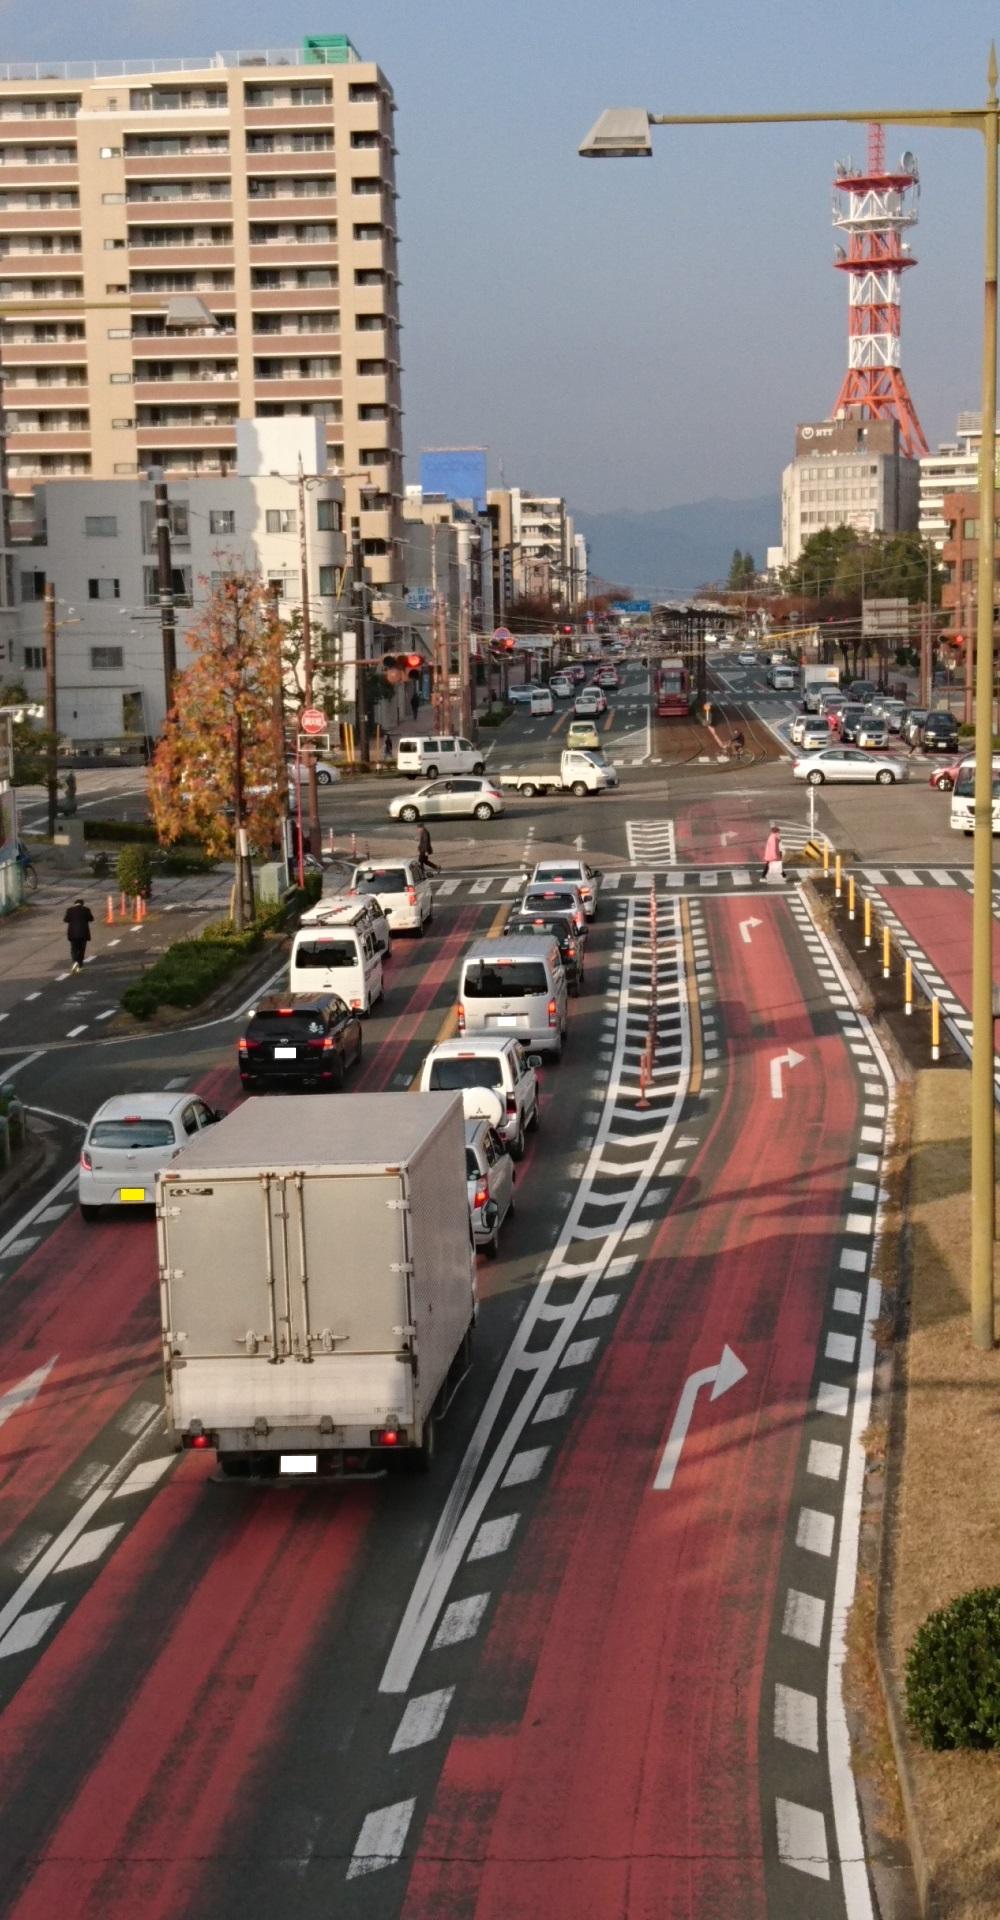 2016.12.9 豊橋 (5) 新川交差点 1000-1920